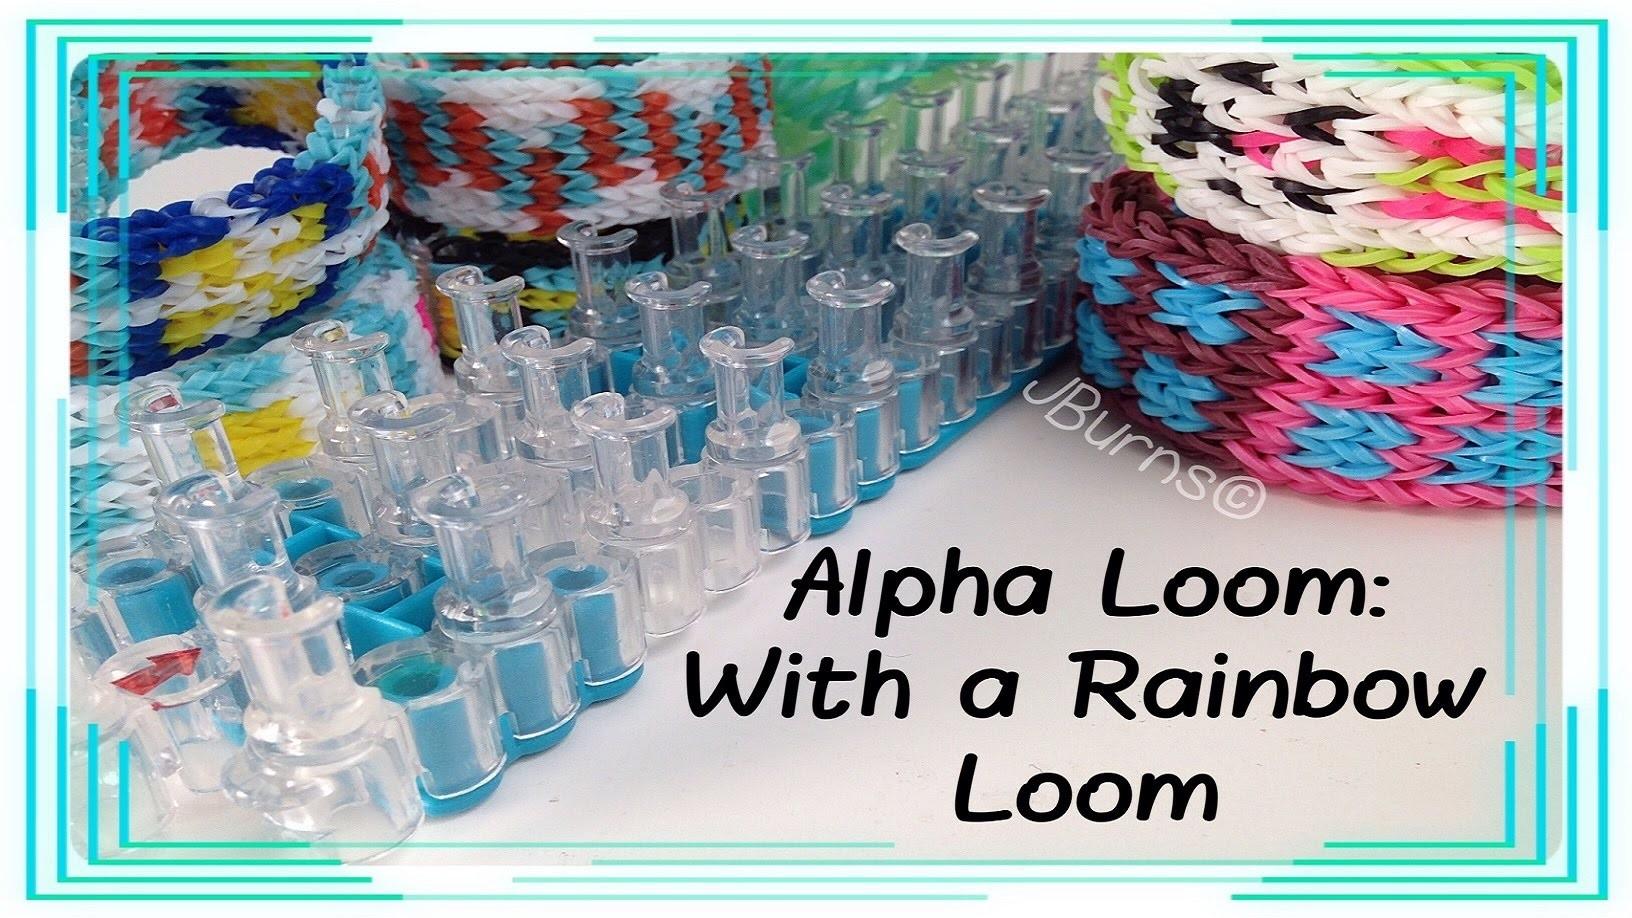 How to Loom: Alpha Loom Designs on Rainbow Loom